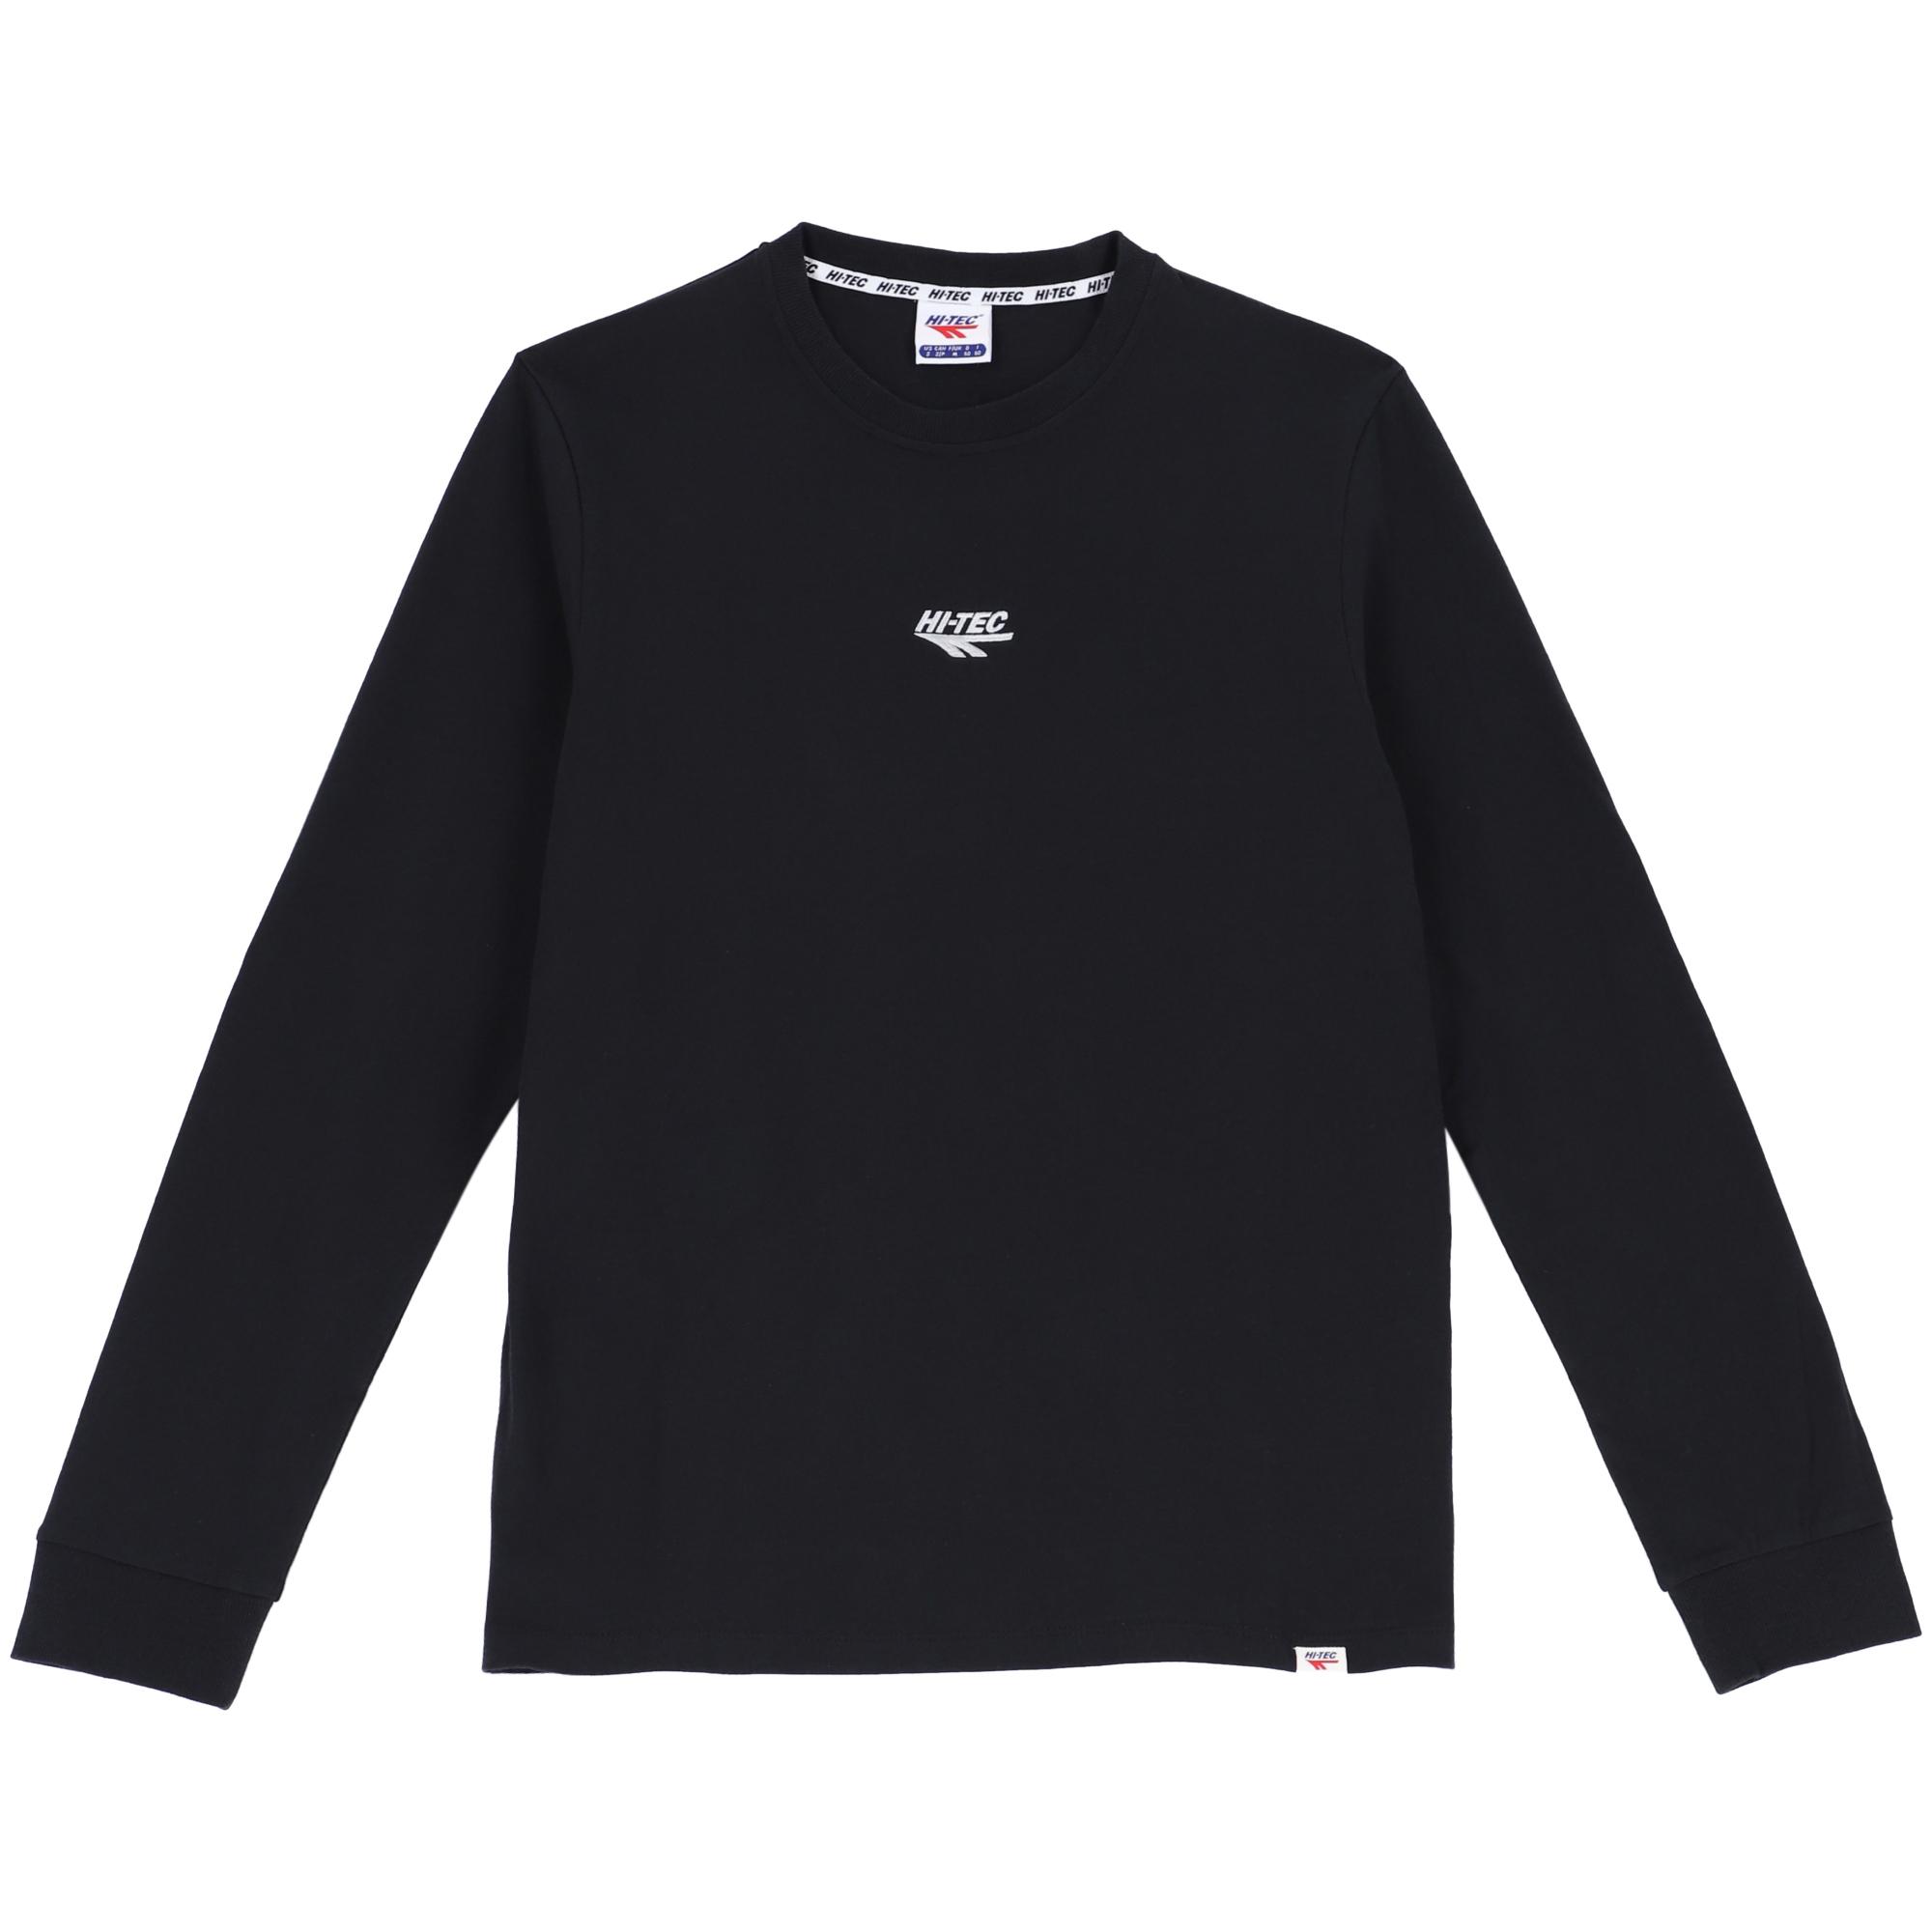 HI-TEC Mota LS t-shirt